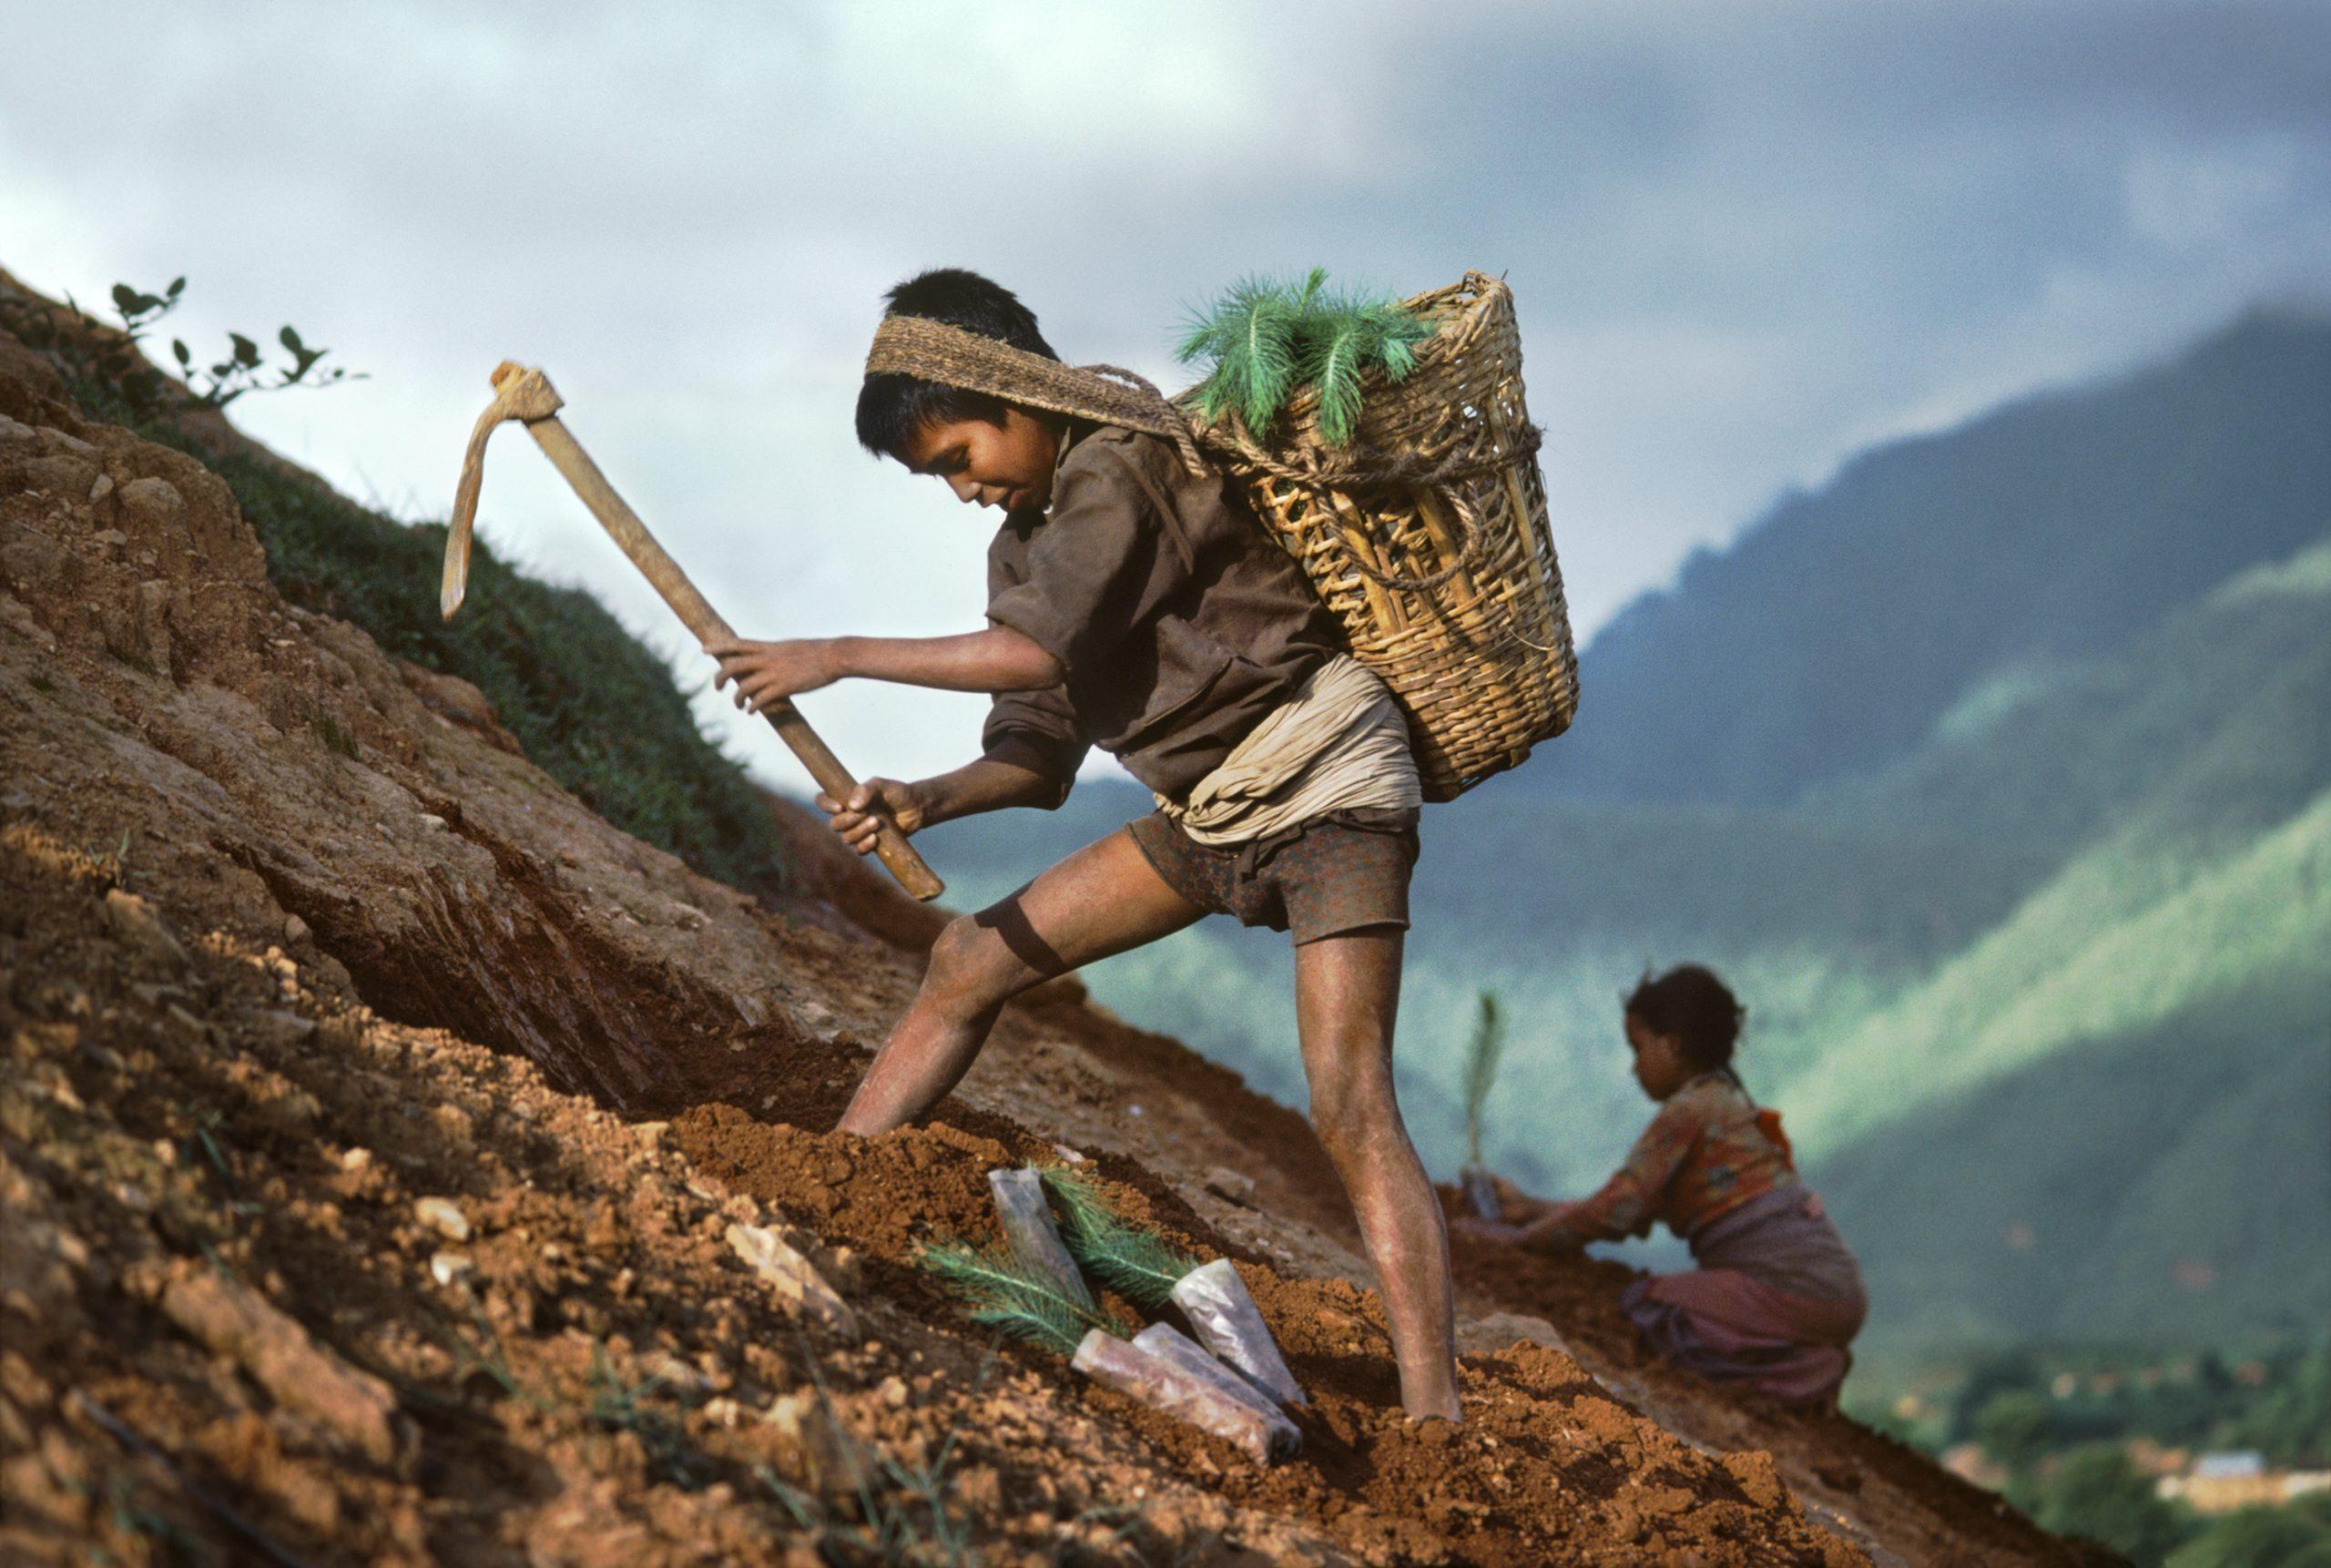 Steve McCurry, Nepal, 1983, ©Steve McCurry